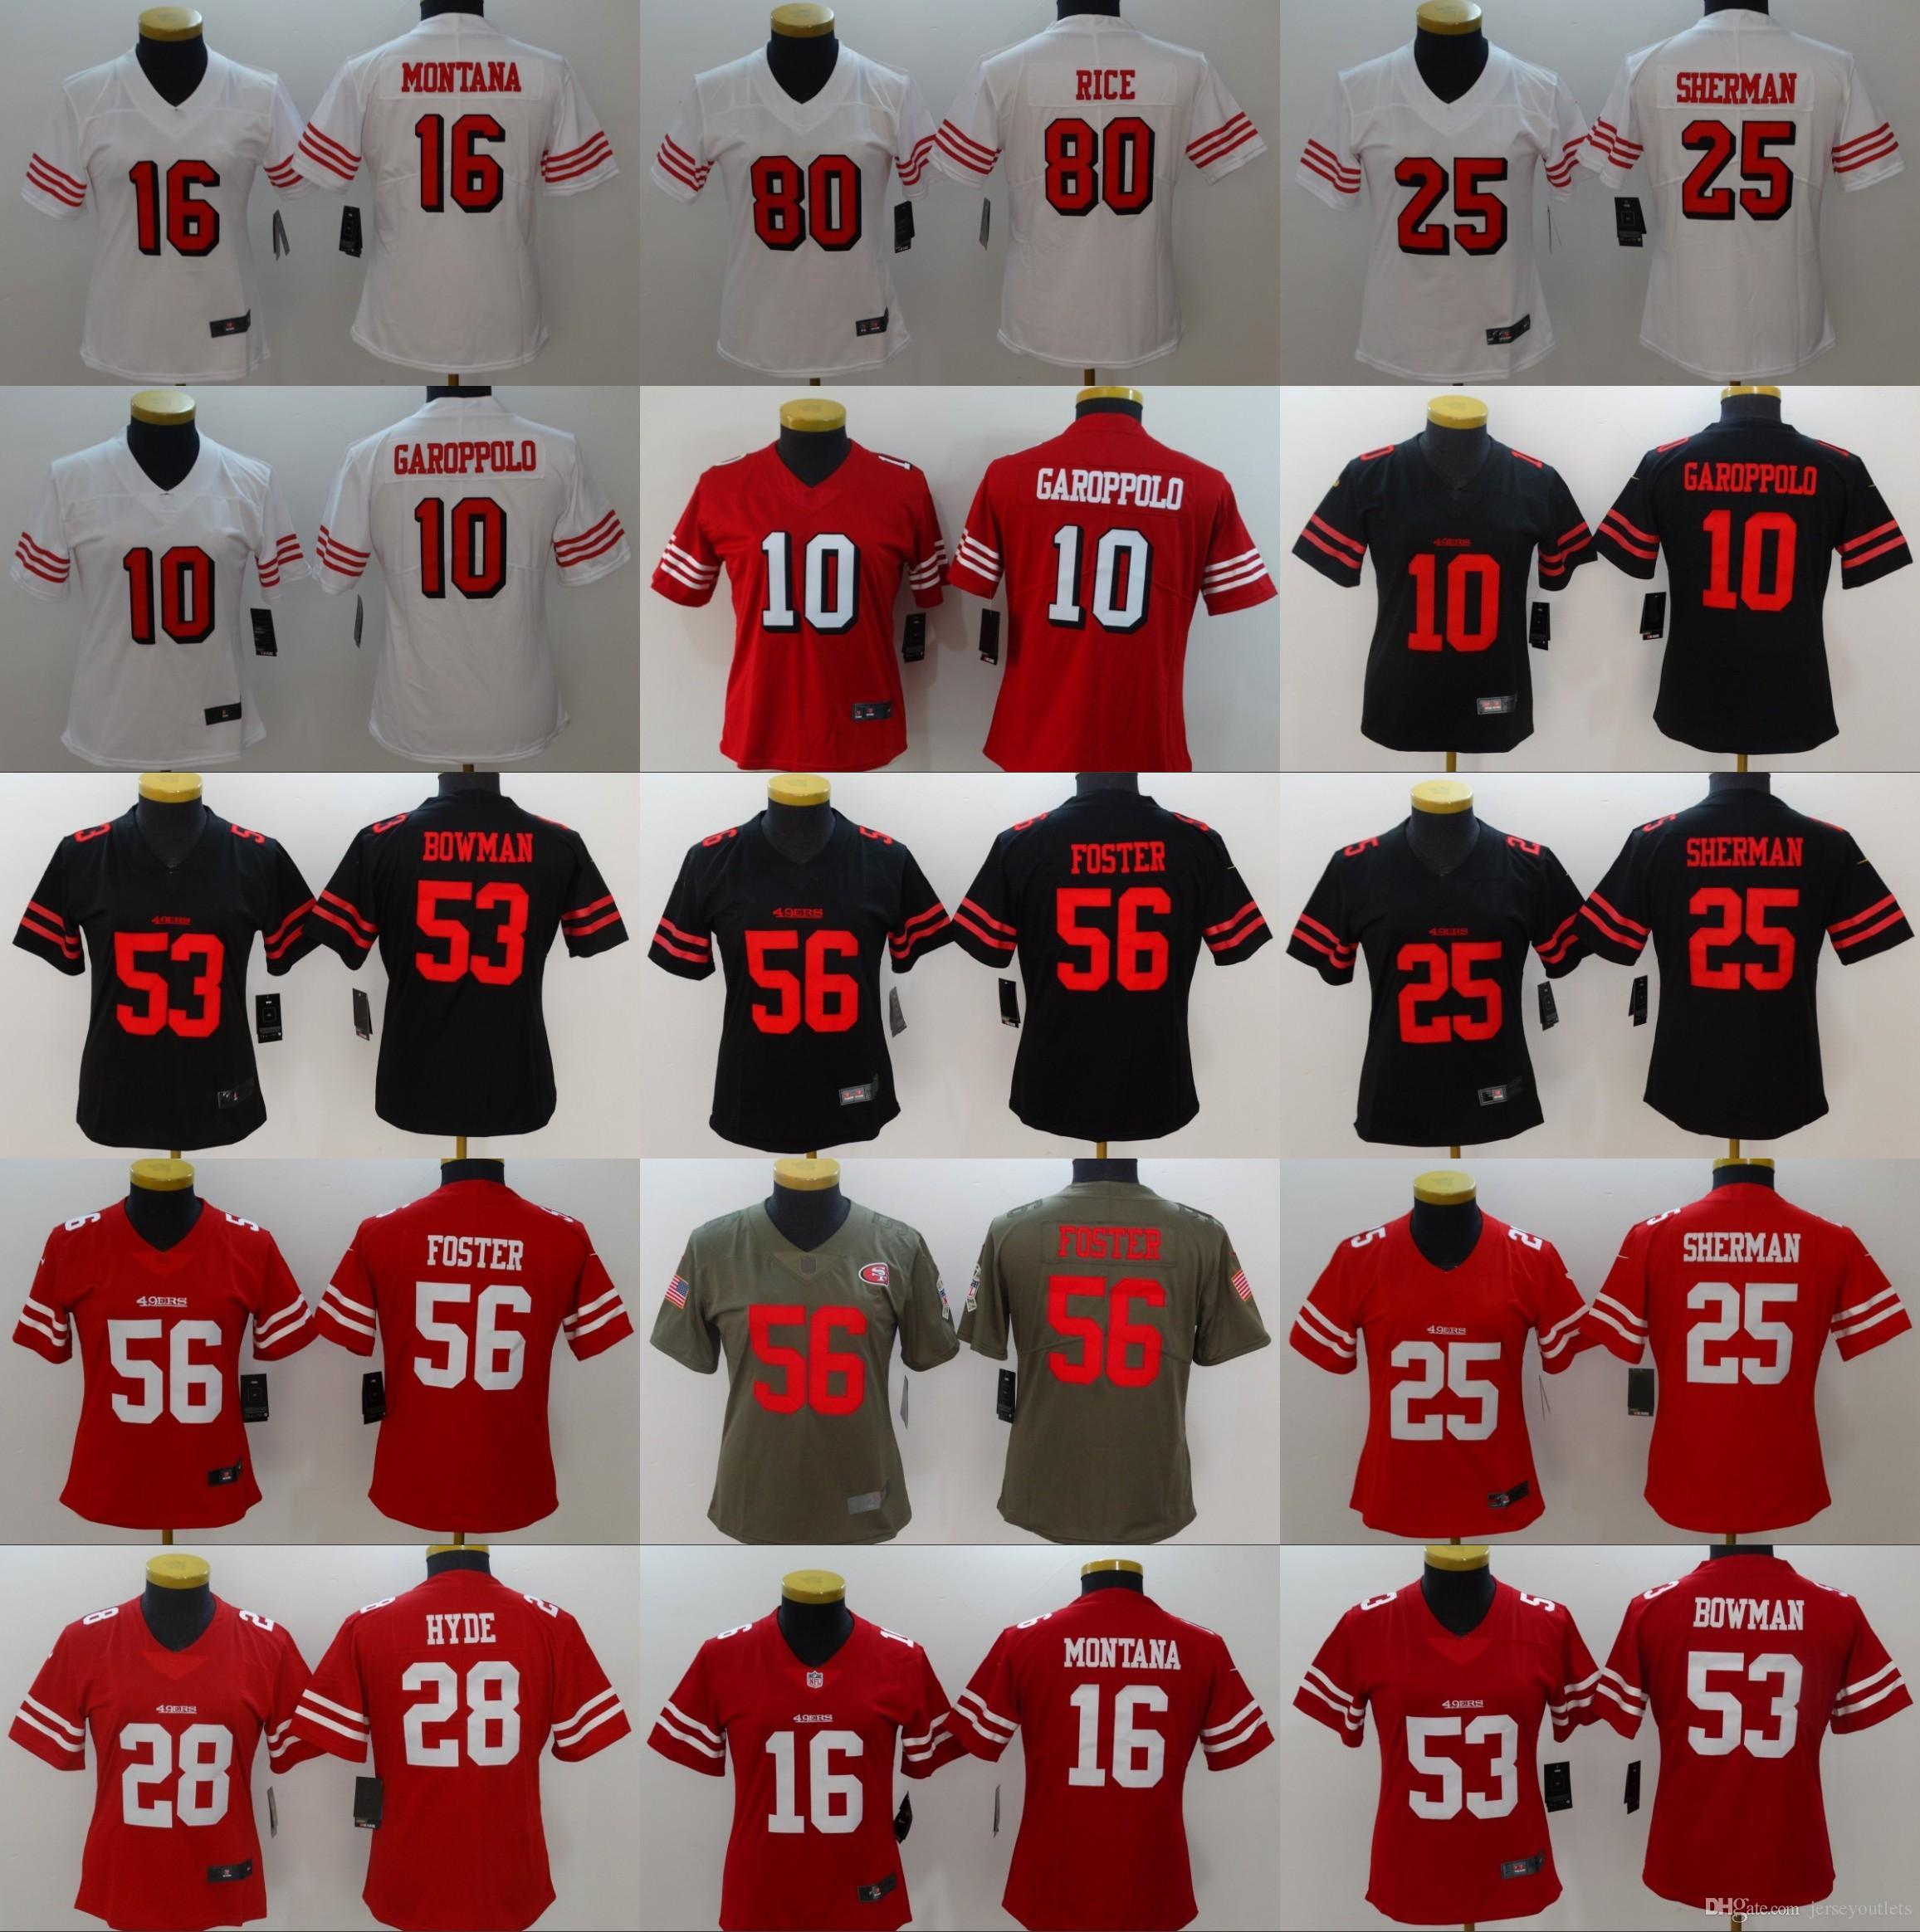 2019 WOMEN 10 Jimmy Garoppolo 25 Richard Sherman Jersey 49ers 56 Reuben  Foster 16 Joe Montana 80 Jerry Rice 35 Jerseys From Jerseyoutlets ae3bdd44f